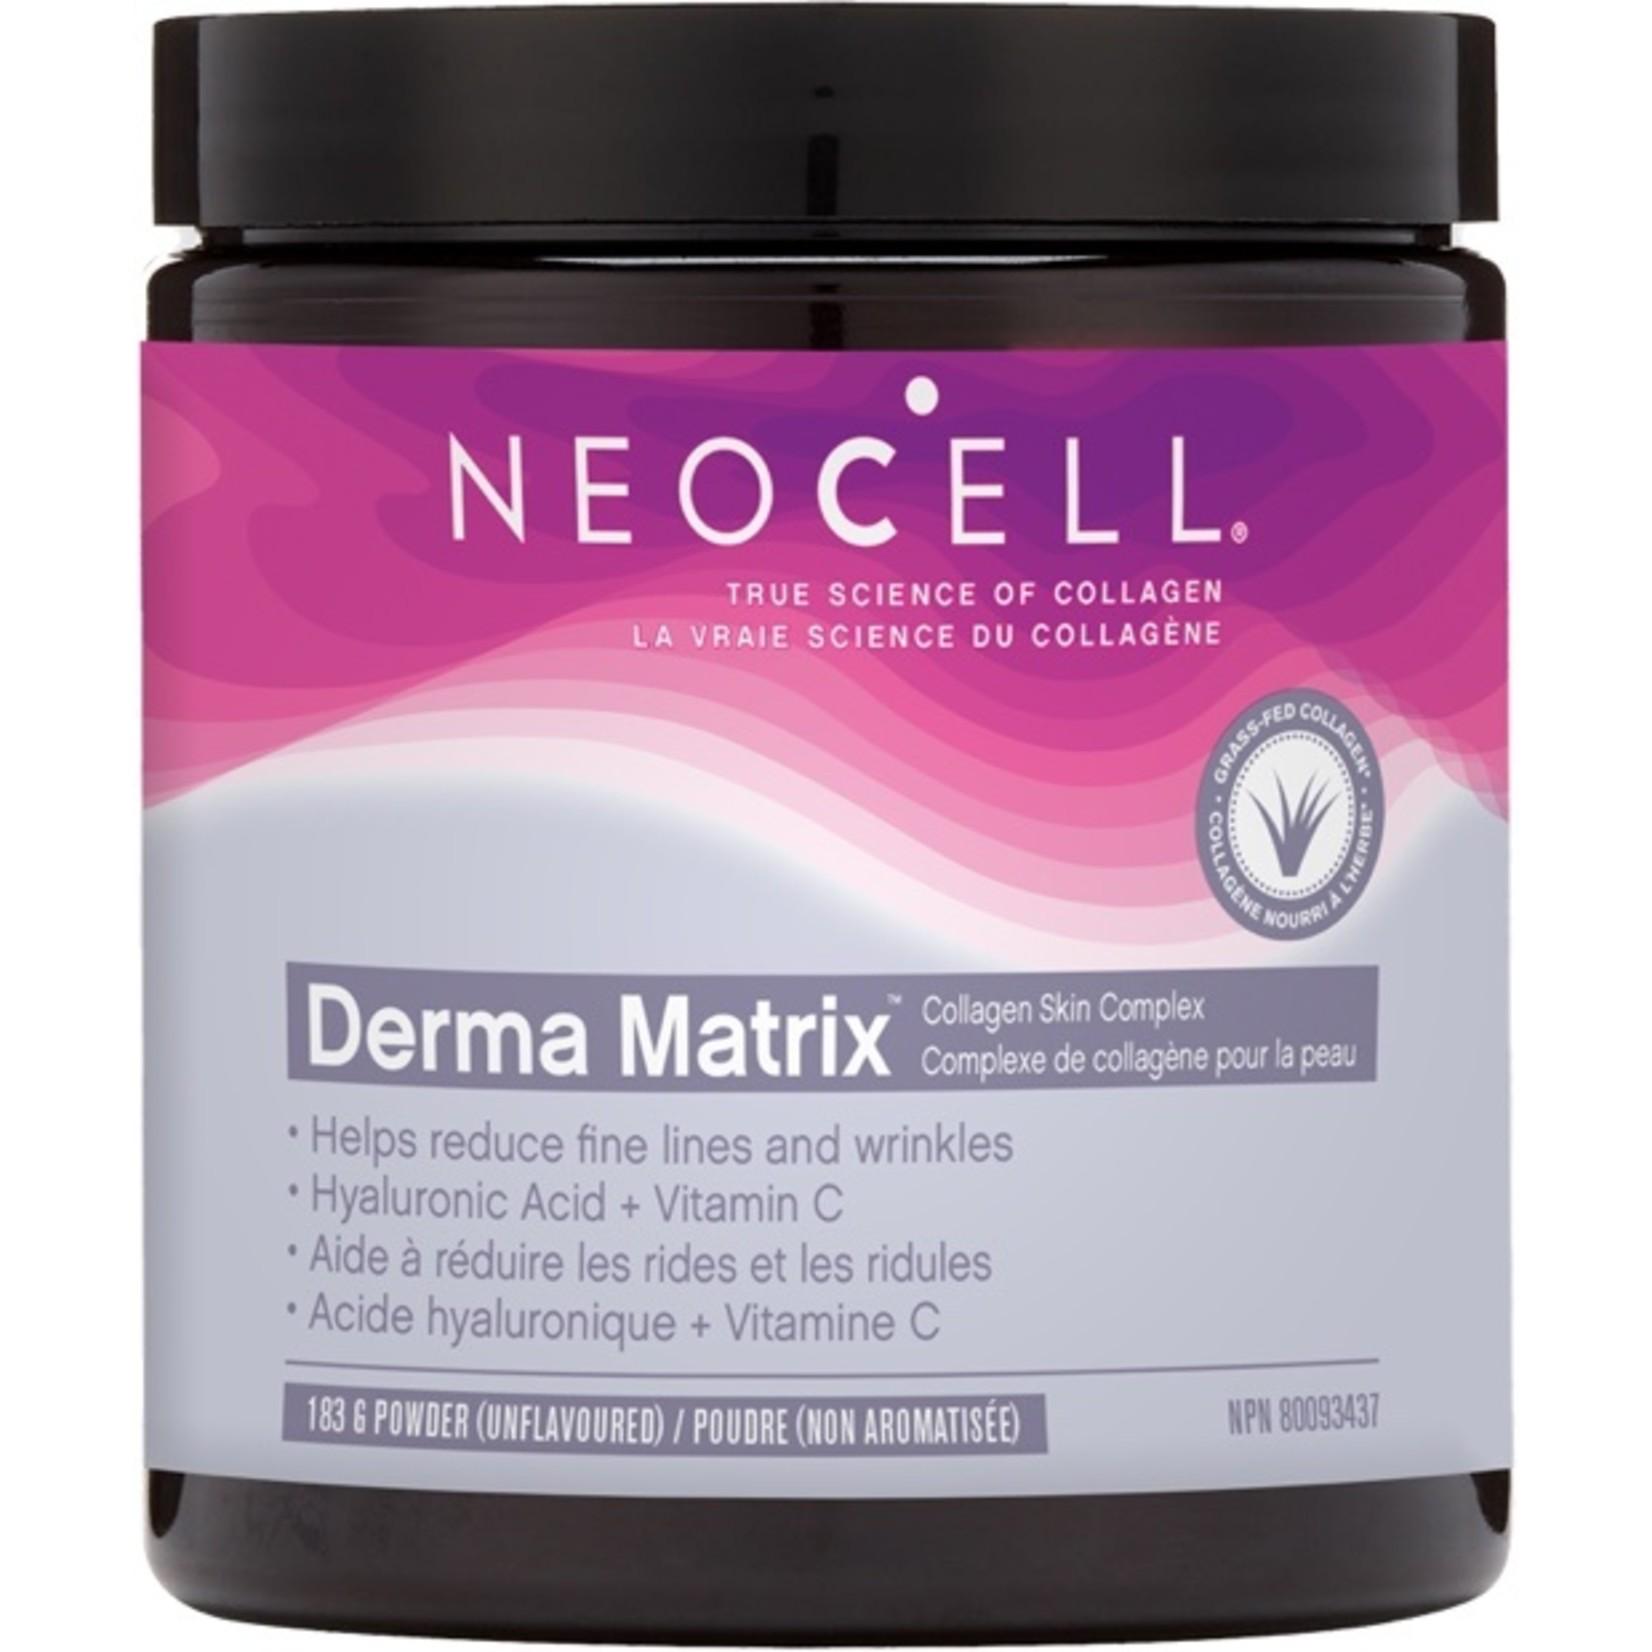 Neocell Derma Matrix Collagen 183g